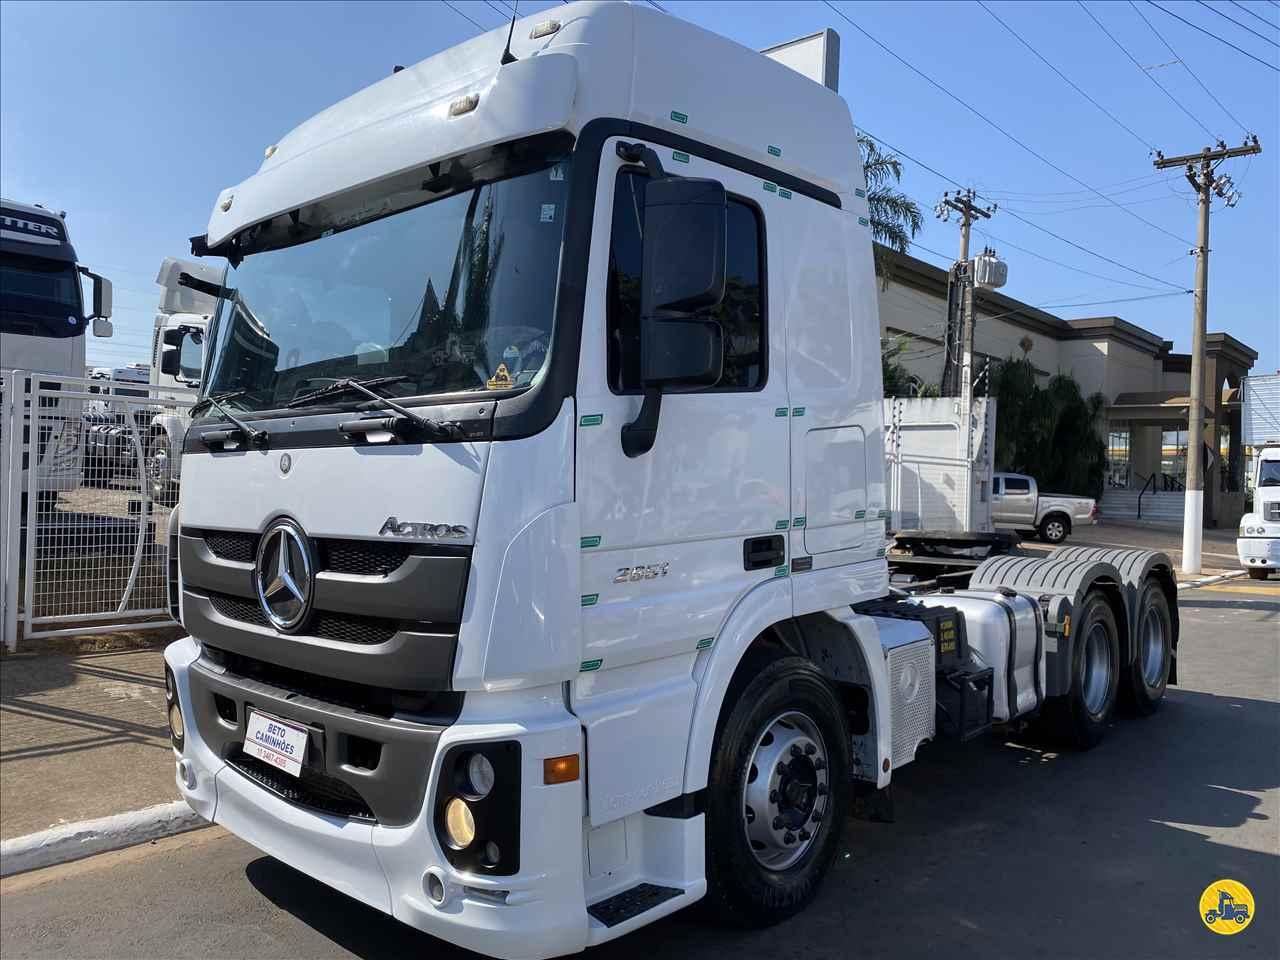 CAMINHAO MERCEDES-BENZ MB 2651 Cavalo Mecânico Traçado 6x4 Beto Caminhões Piracicaba AMERICANA SÃO PAULO SP